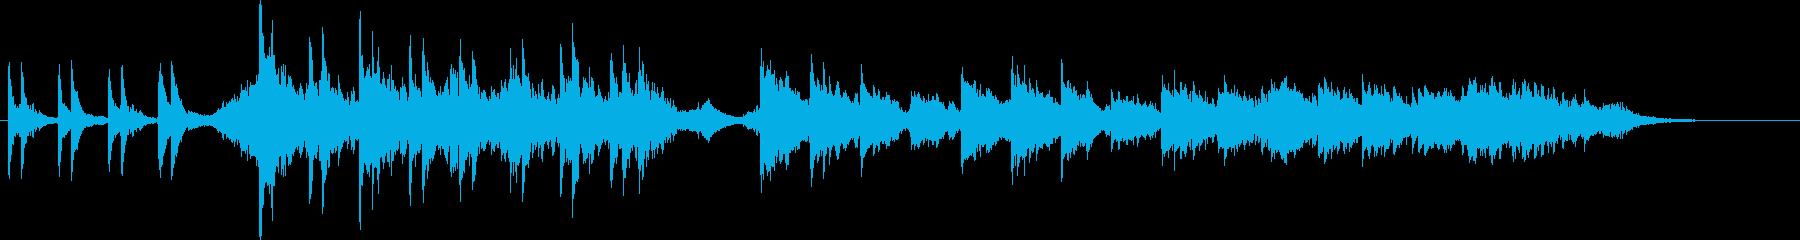 恐怖のドアノック ver.2の再生済みの波形